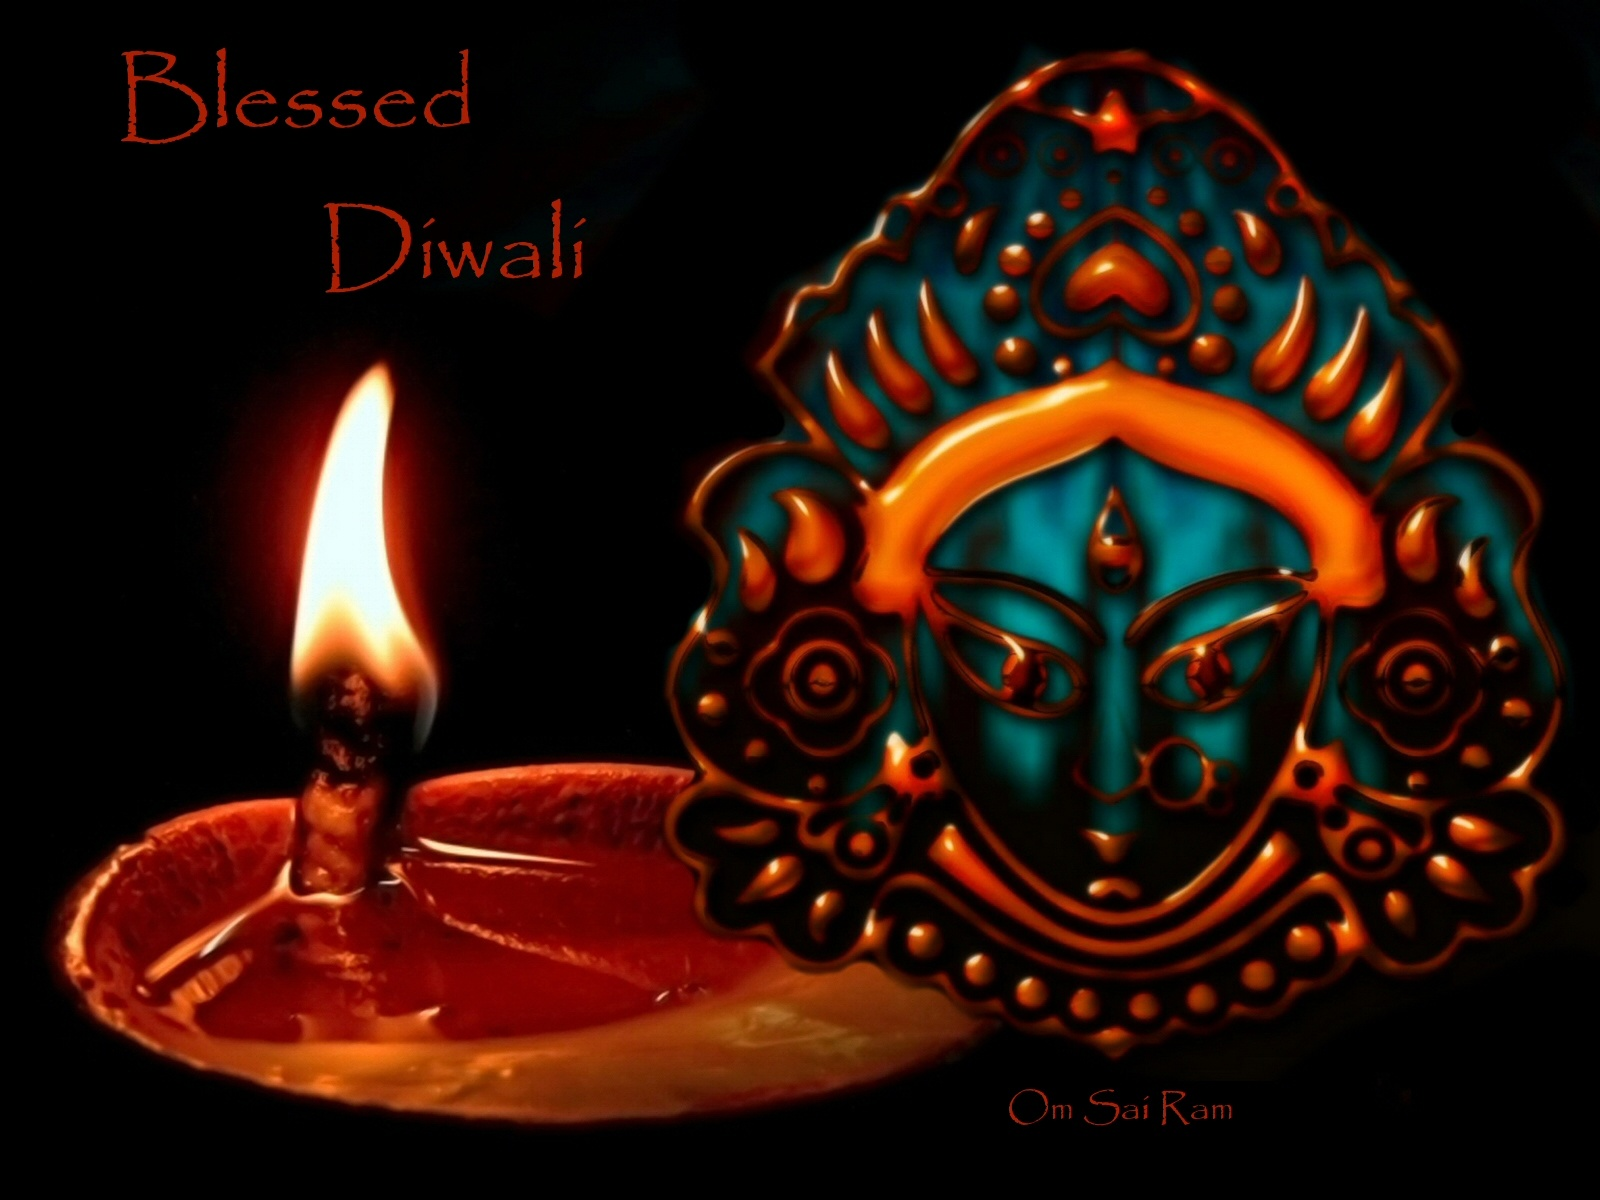 http://2.bp.blogspot.com/-oadLHJzlQhs/UJqQSR6p7LI/AAAAAAABORI/NmeOcECaOqo/s1600/Diwali+Diya+Beautiful+wallpapers4.jpg